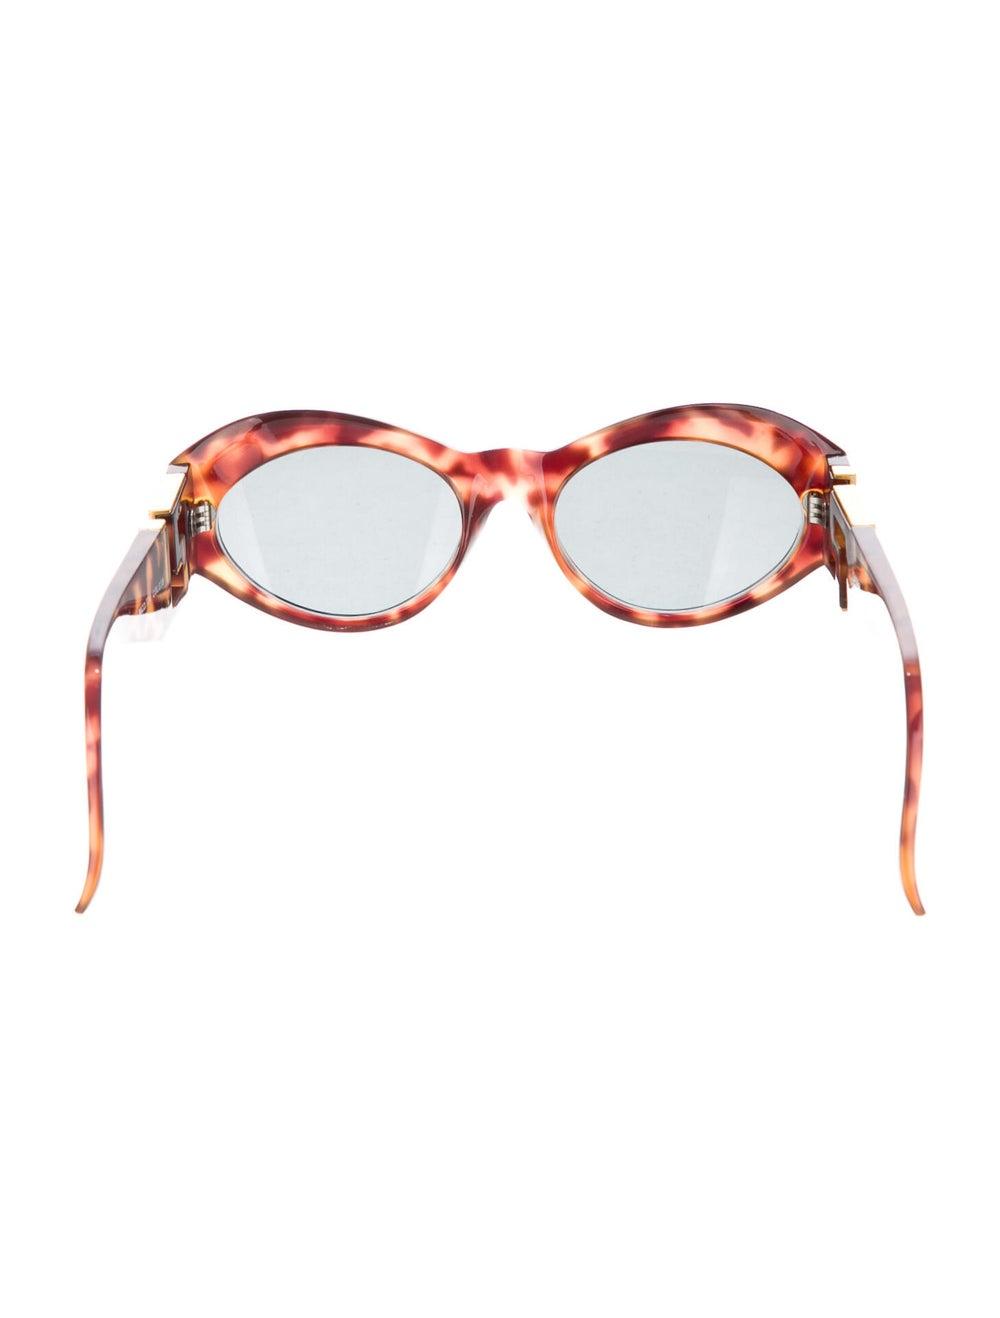 Gianni Versace Round Mirrored Sunglasses Brown - image 3